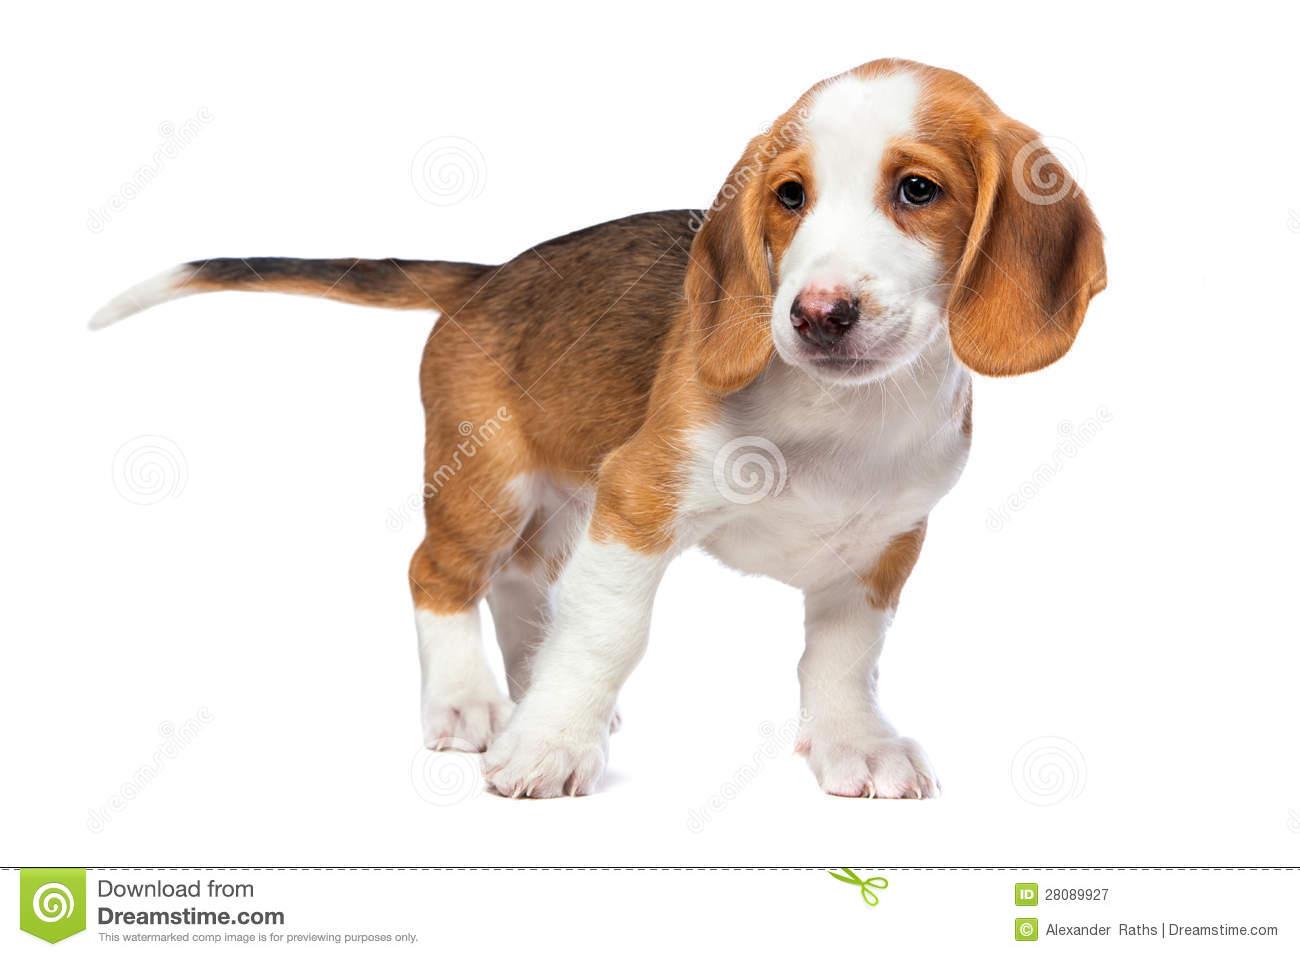 Westphalian Dachsbracke Puppies: Westphalian Royalty Free Stock Graphy Dachshund Puppy Westphalian Dachsbracke Breed